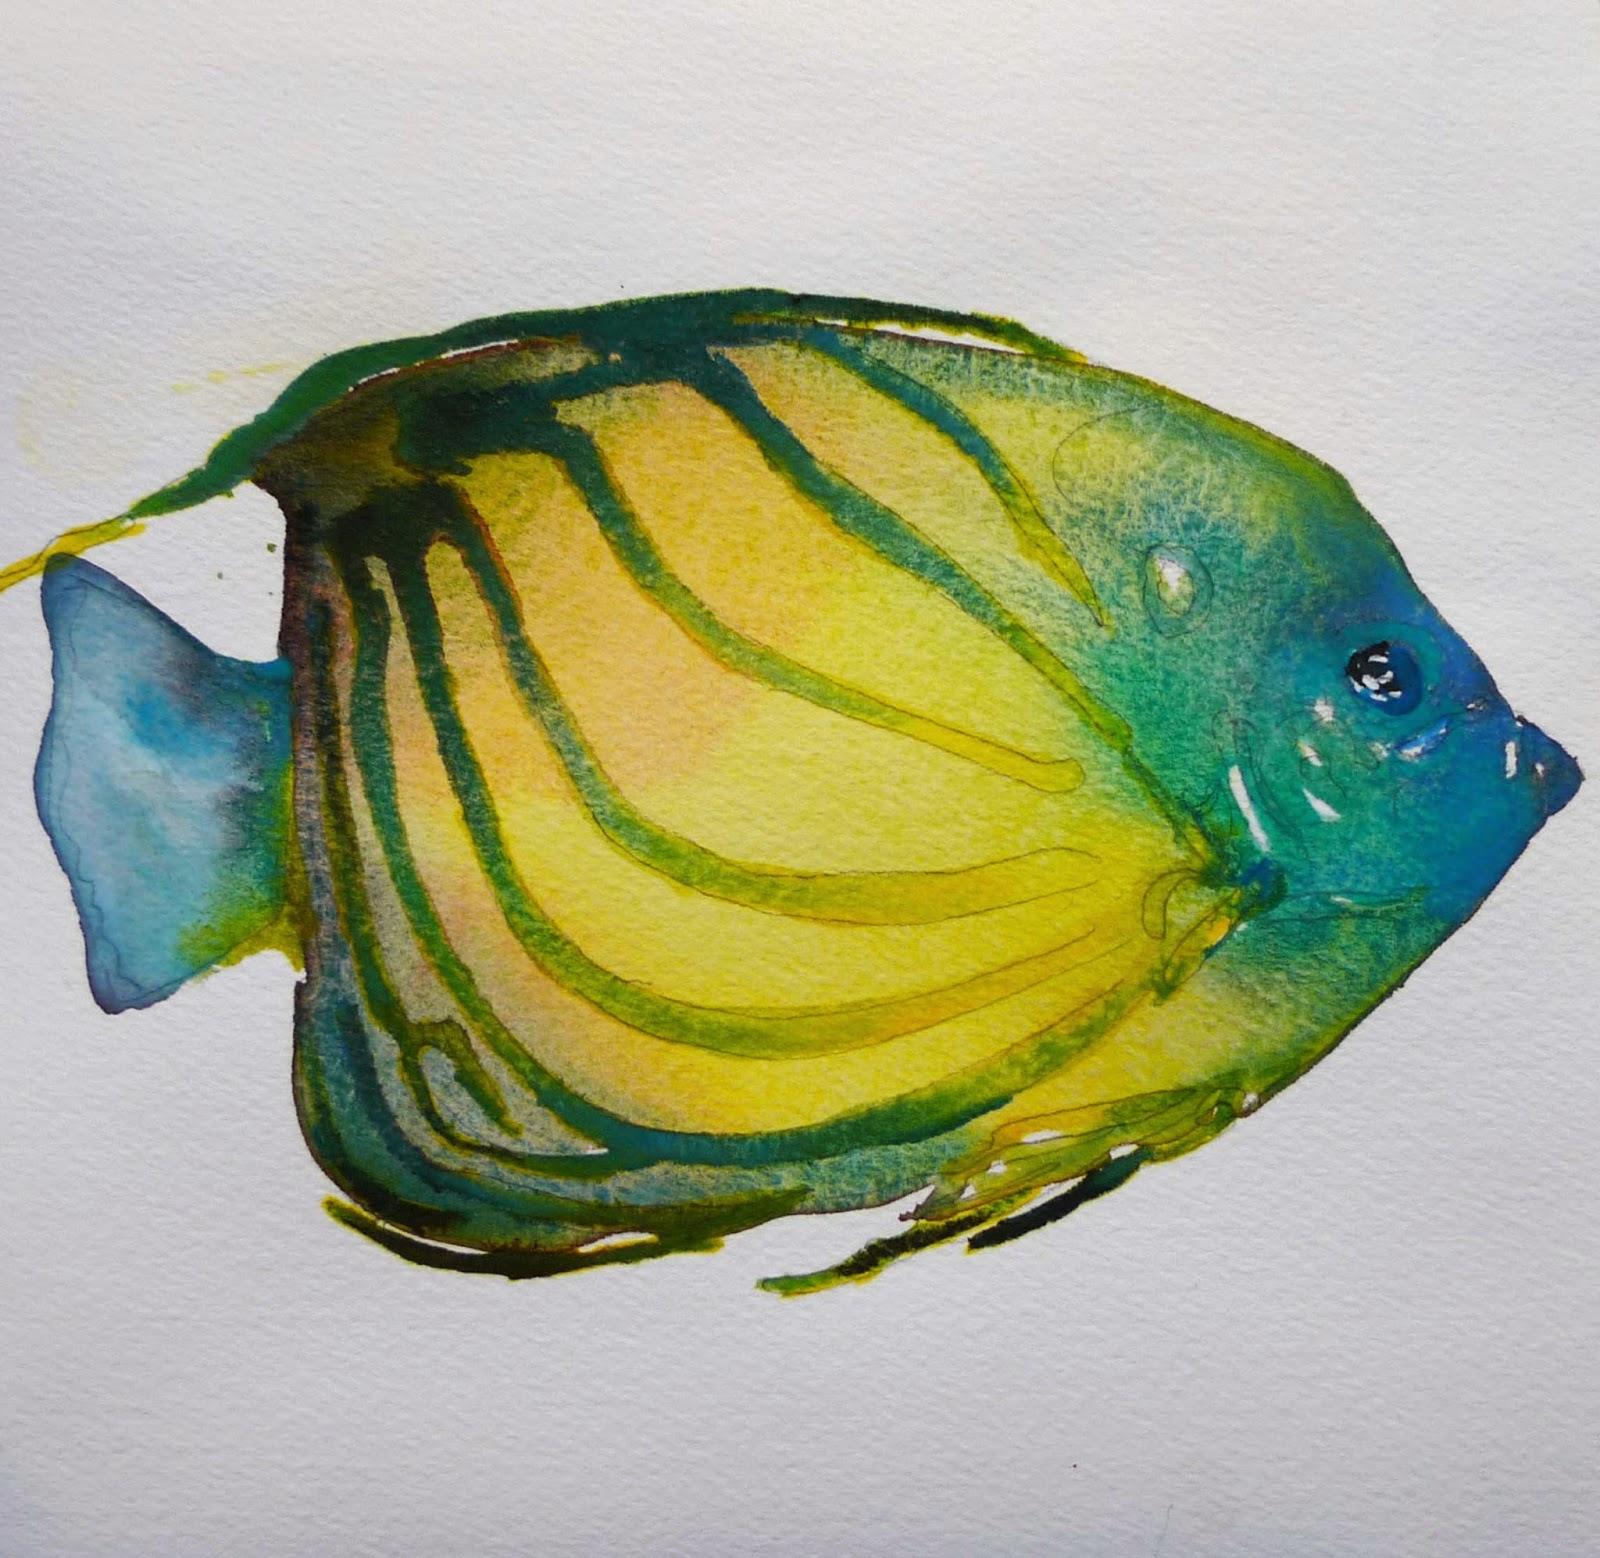 Tropical Fish Watercolor